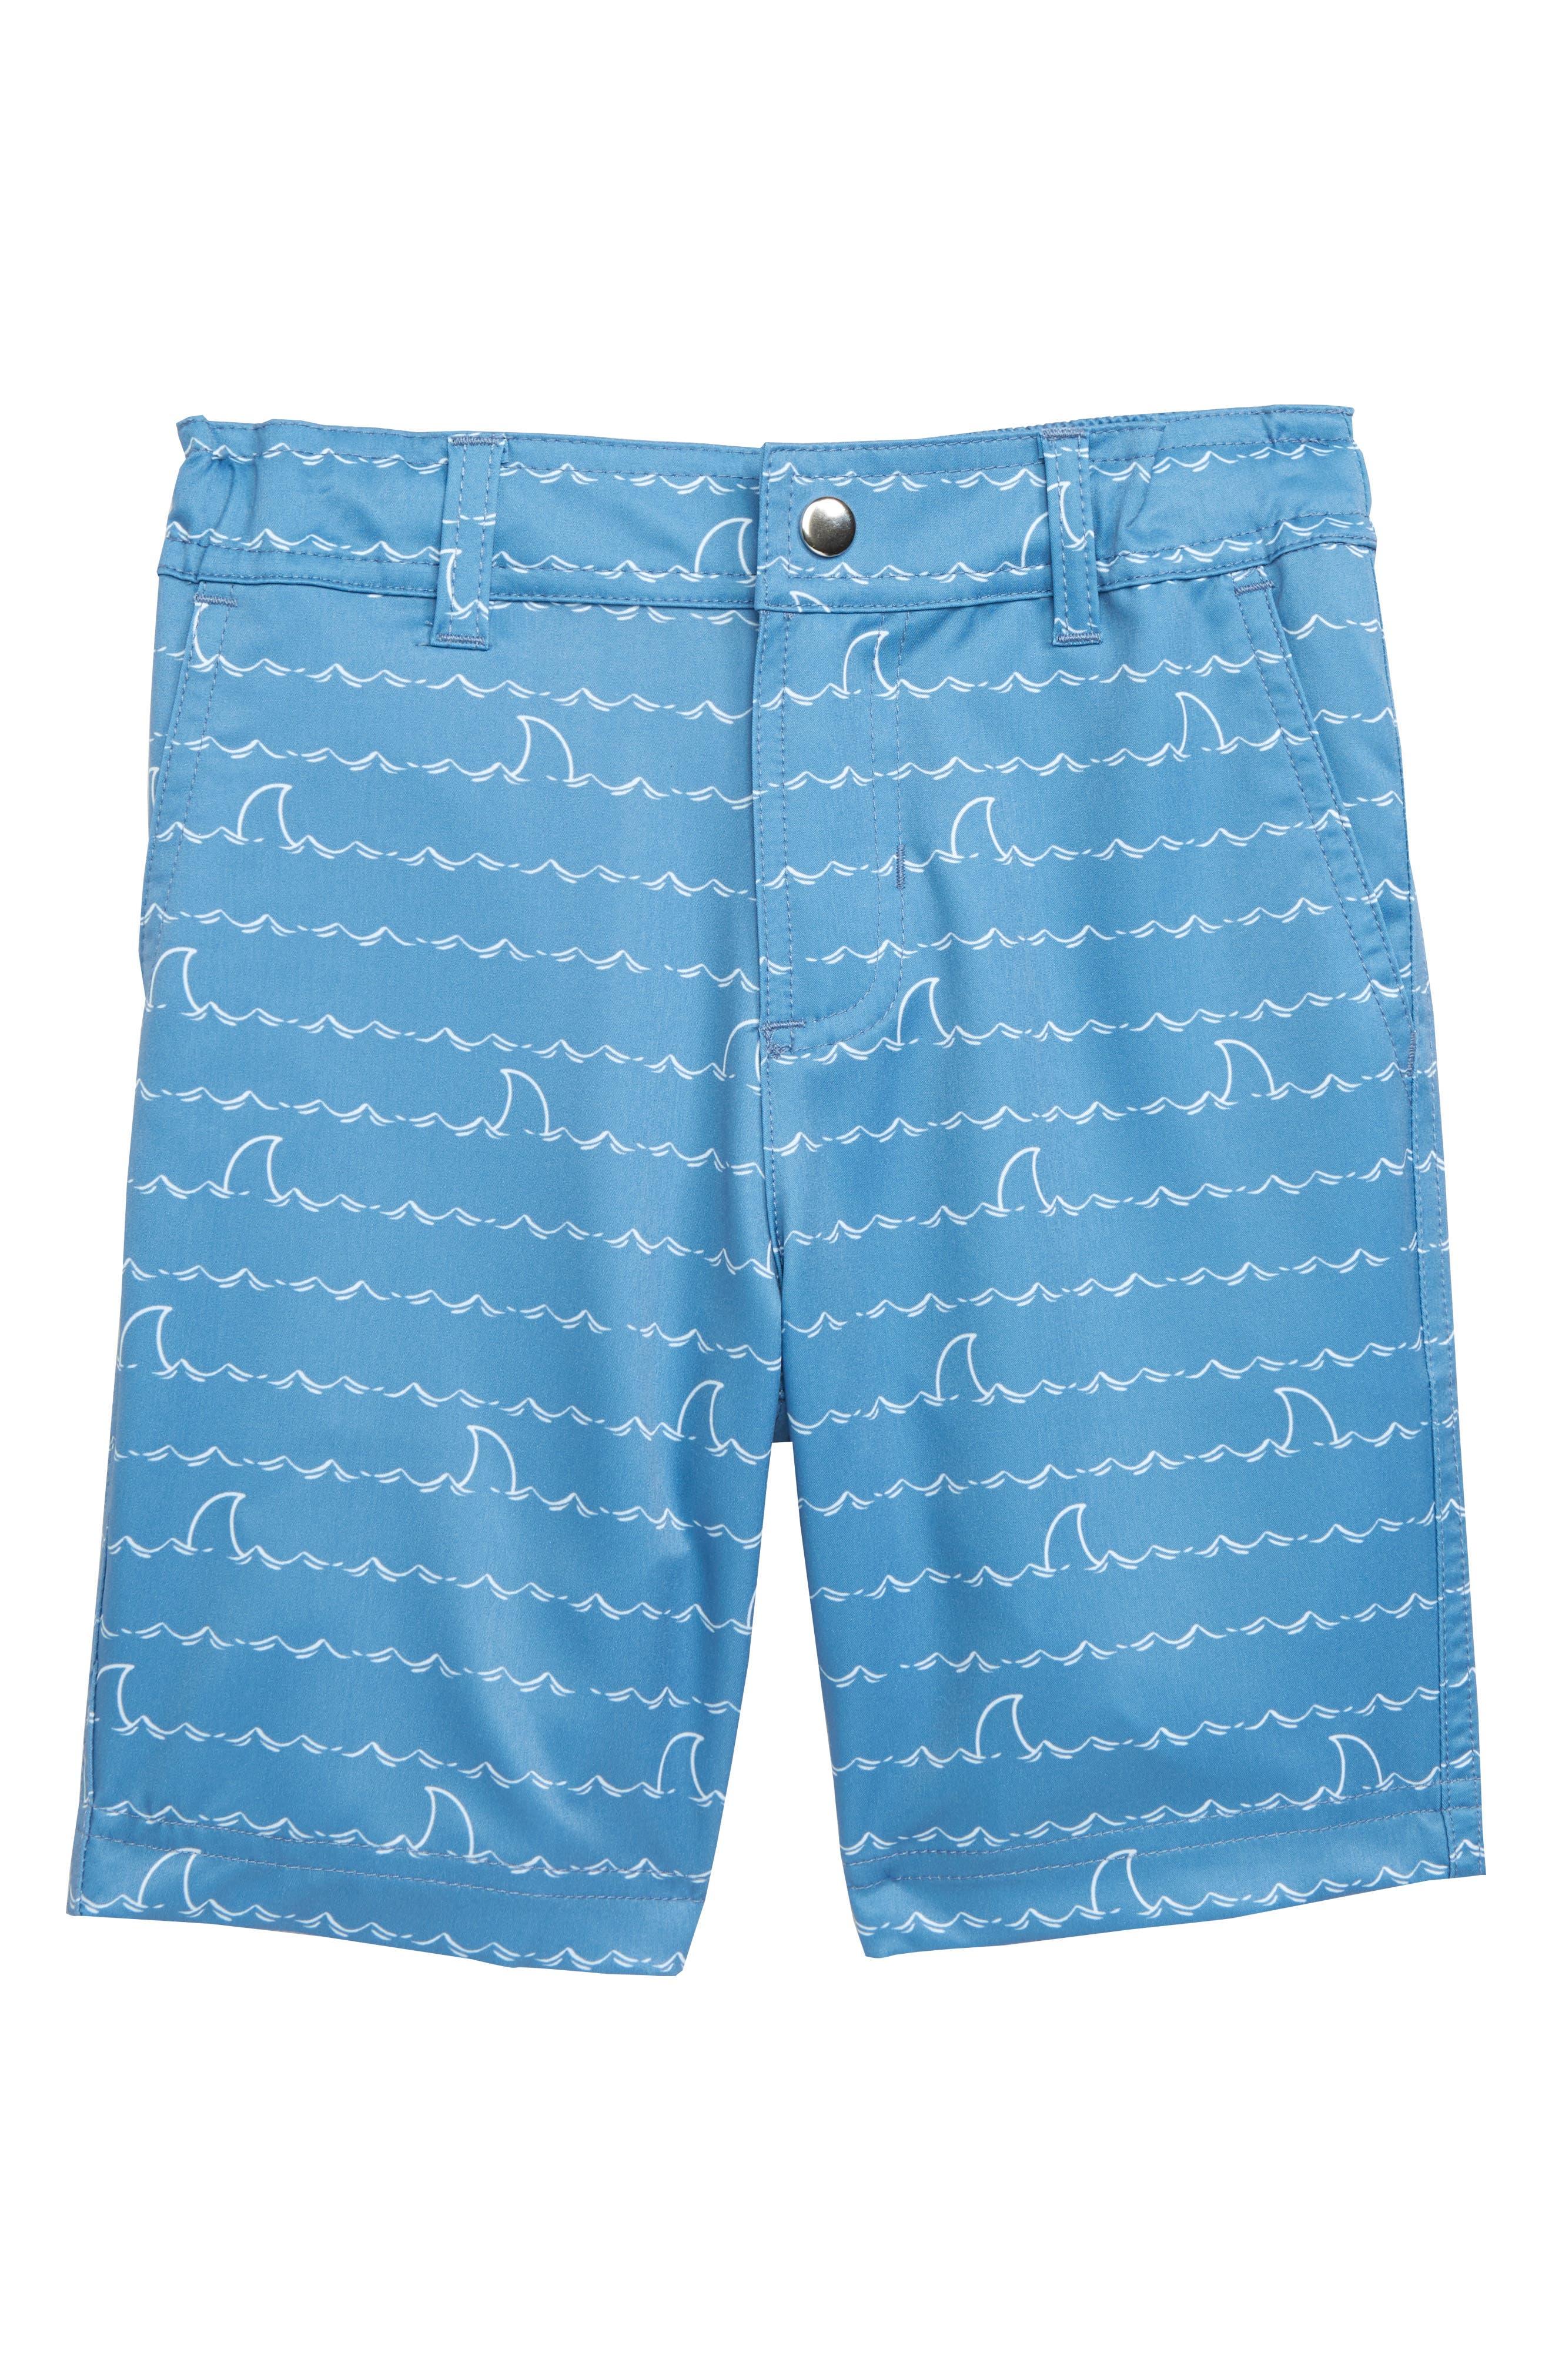 HATLEY, Shark Fin Quick Drying Shorts, Main thumbnail 1, color, 400